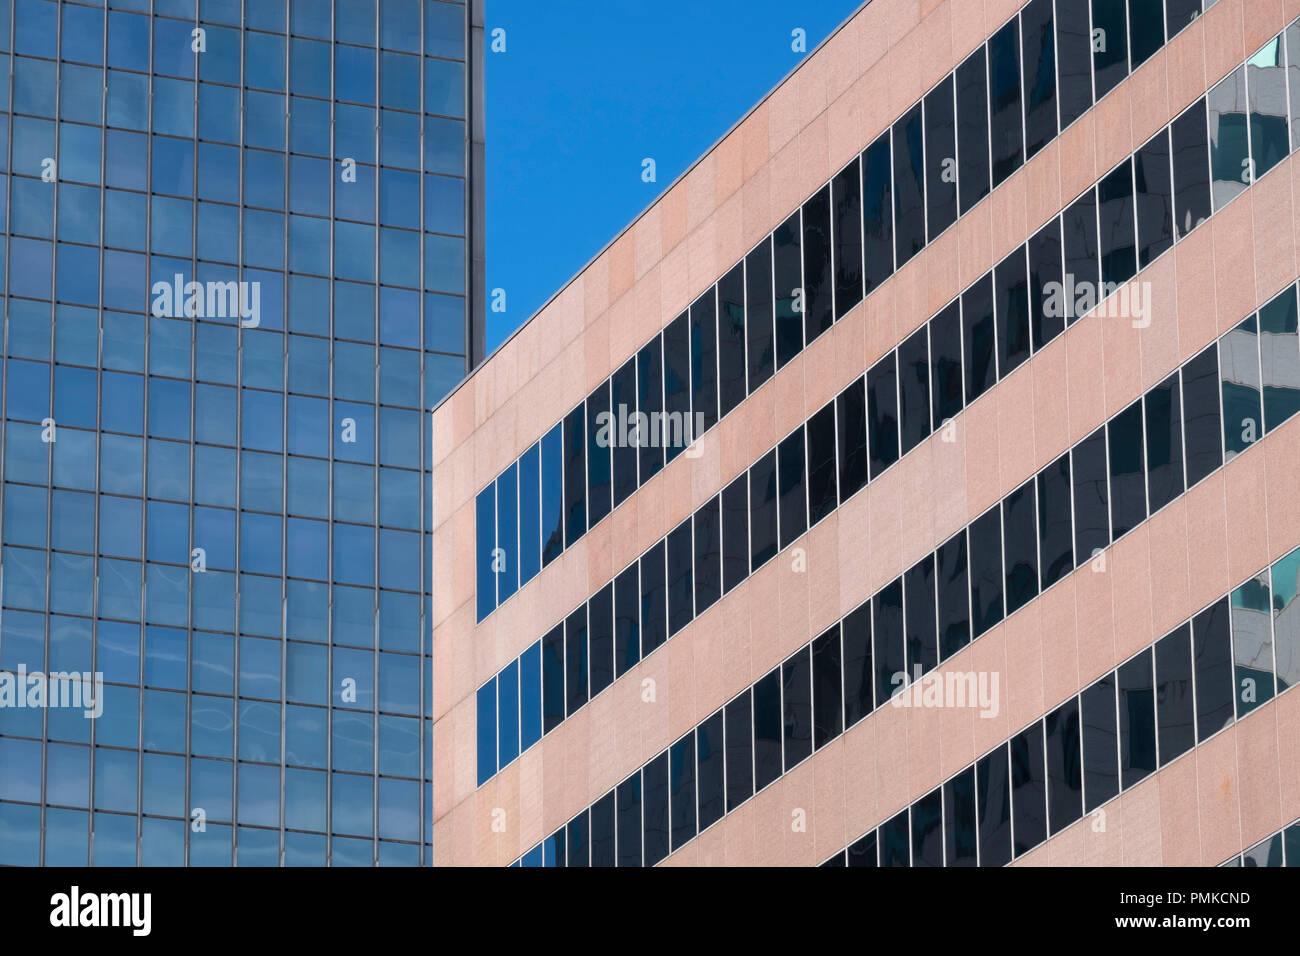 Detalle de la arquitectura en el bloque de oficinas, Birmingham, Alabama Imagen De Stock